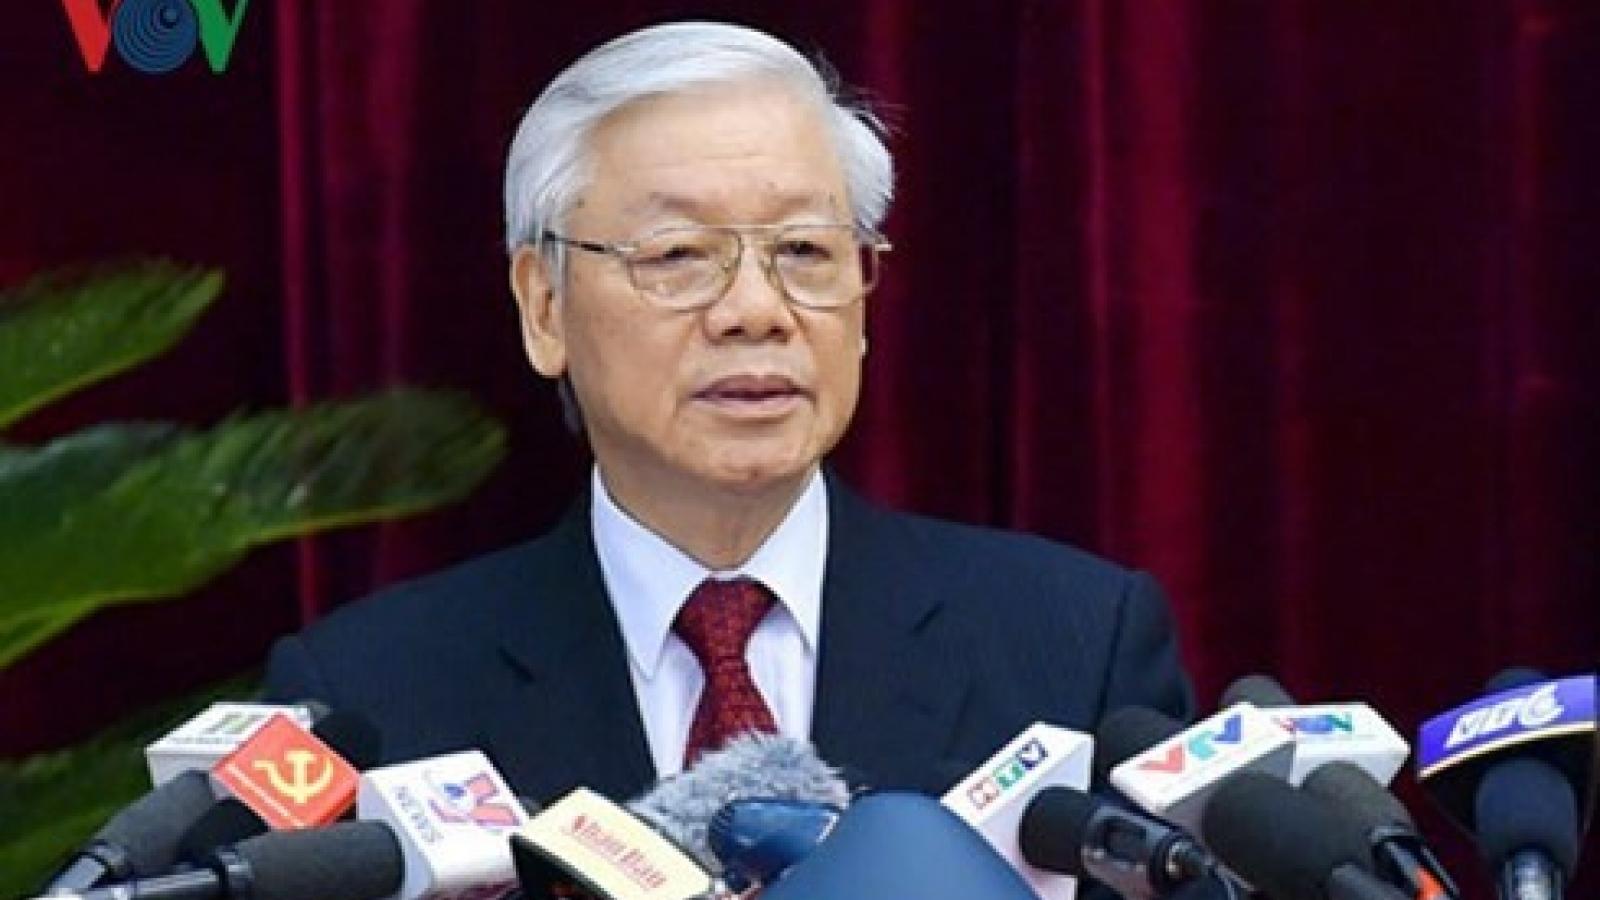 Bài viết của Tổng Bí thư, Chủ tịch nước về công tác chuẩn bị nhân sự Đại hội